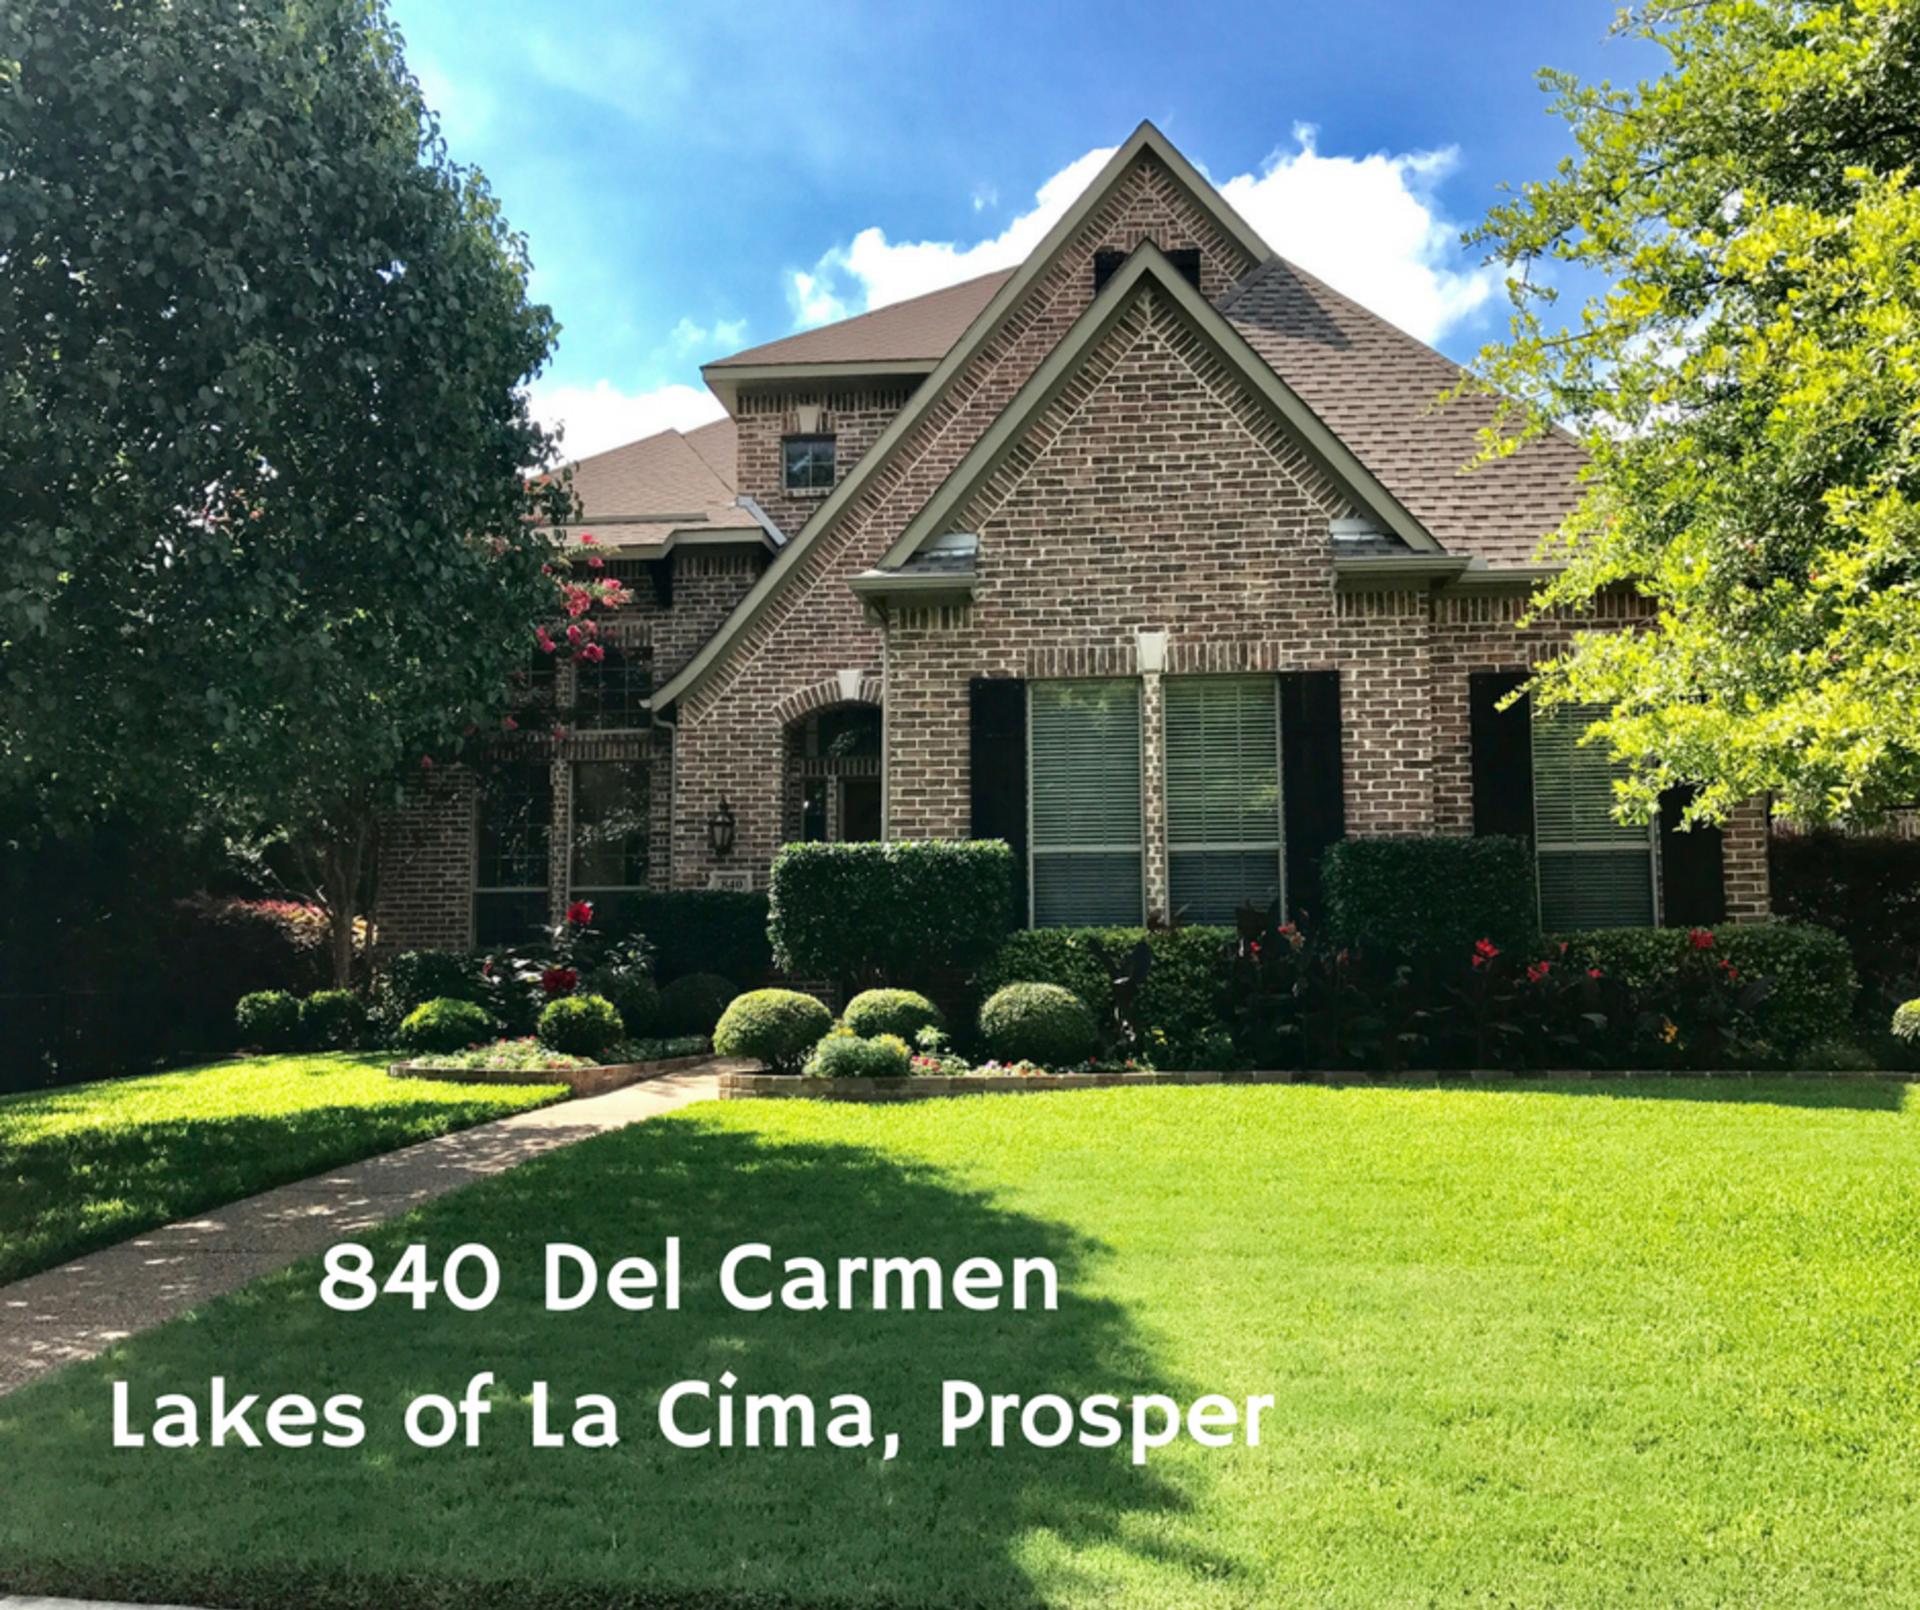 New listing – 840 Del Carmen in Prosper – Video in link!